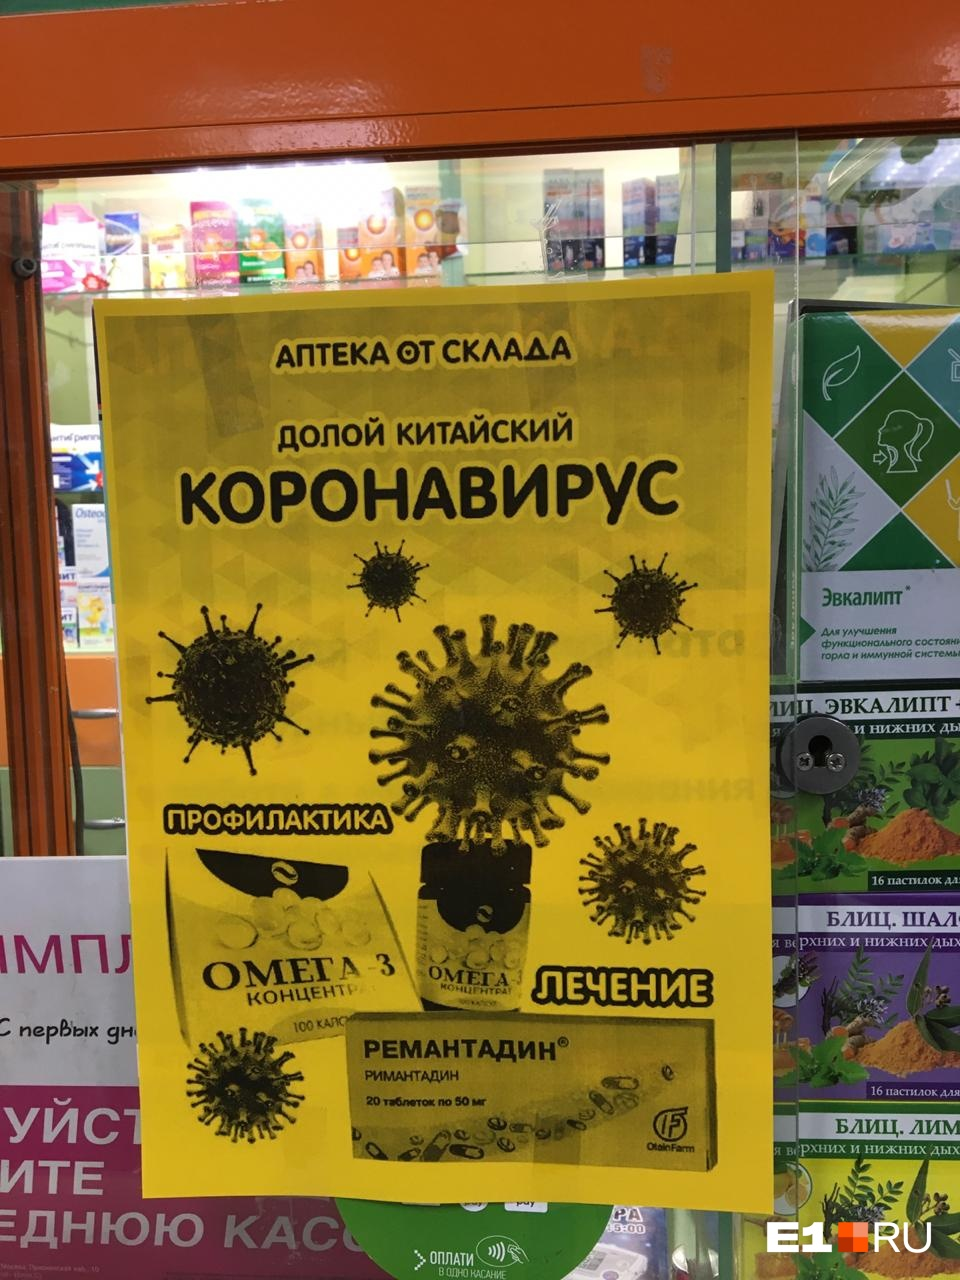 Такая реклама появилась в аптеке на улице Военной